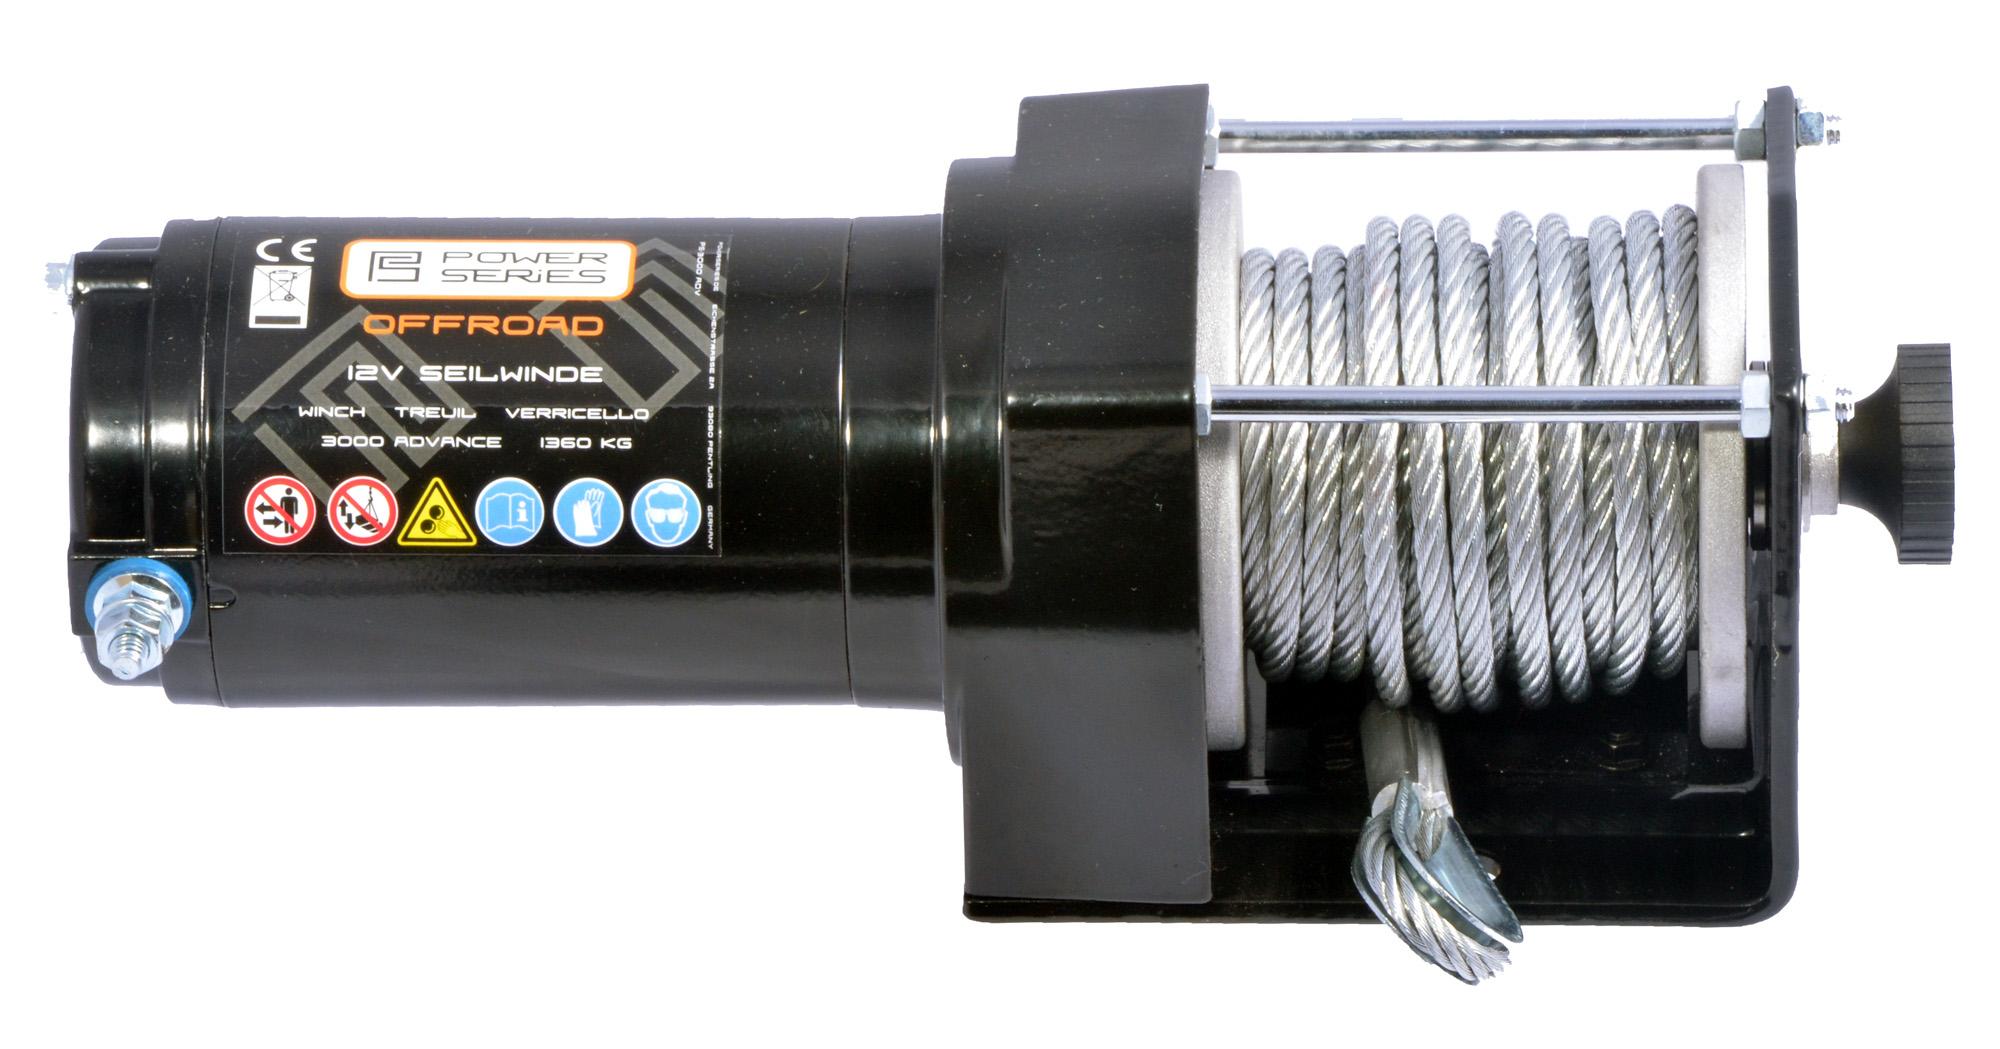 Power Series® 12 V Elektrische Seilwinde Motorwinde 2268 kg Elektrowinde Seilzug